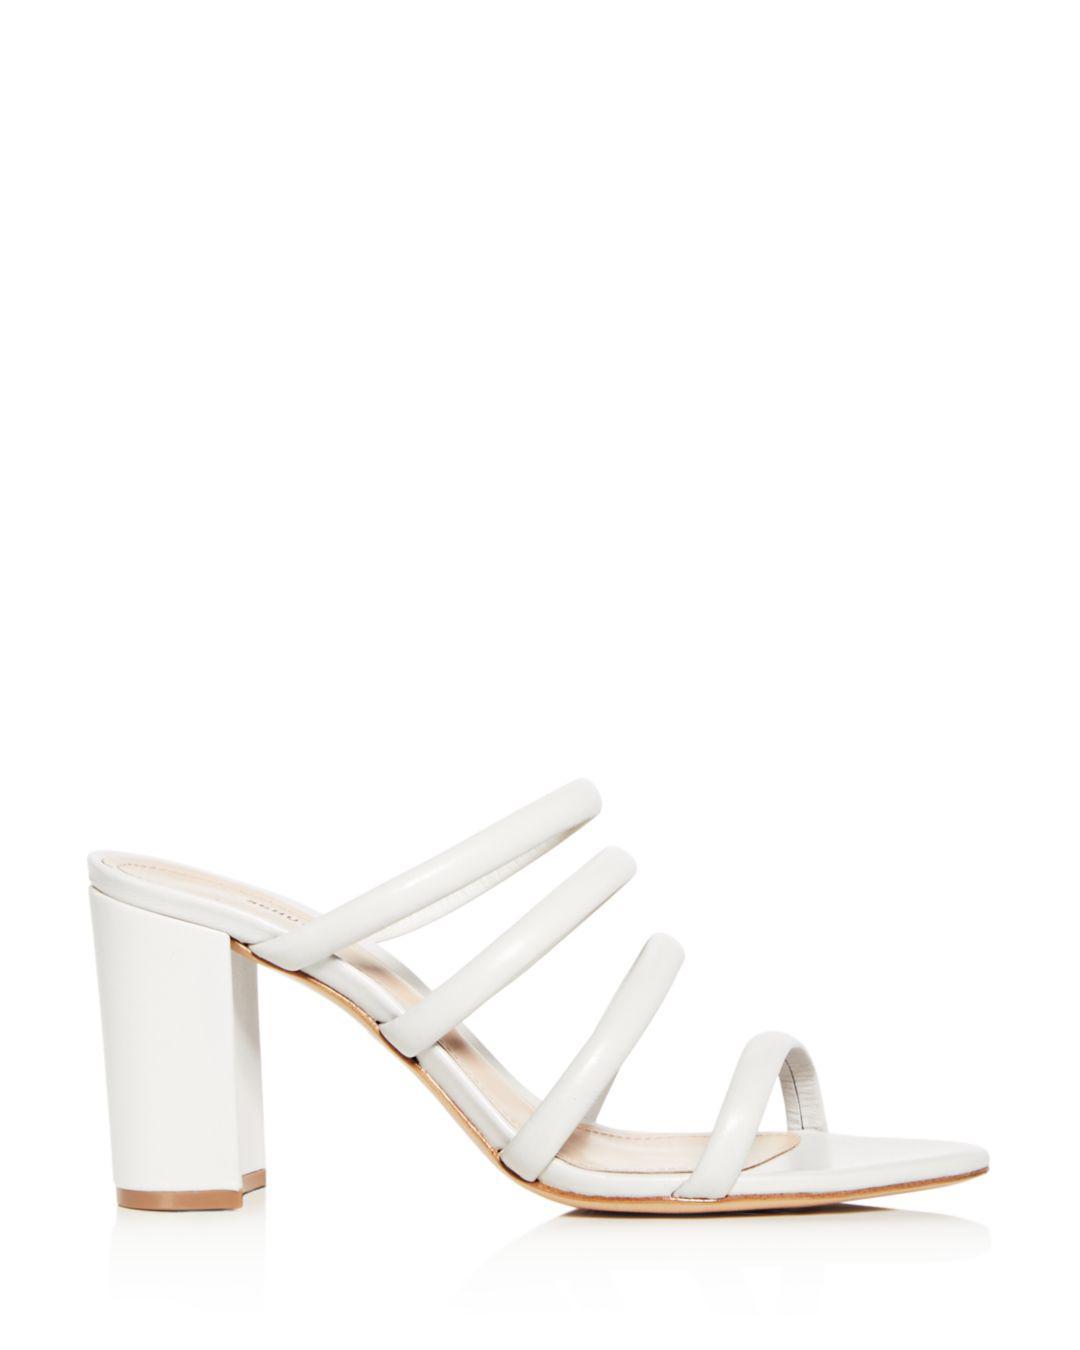 d06759c68010 Lyst - Schutz Women s Felisa Leather High Block-heel Sandals in White